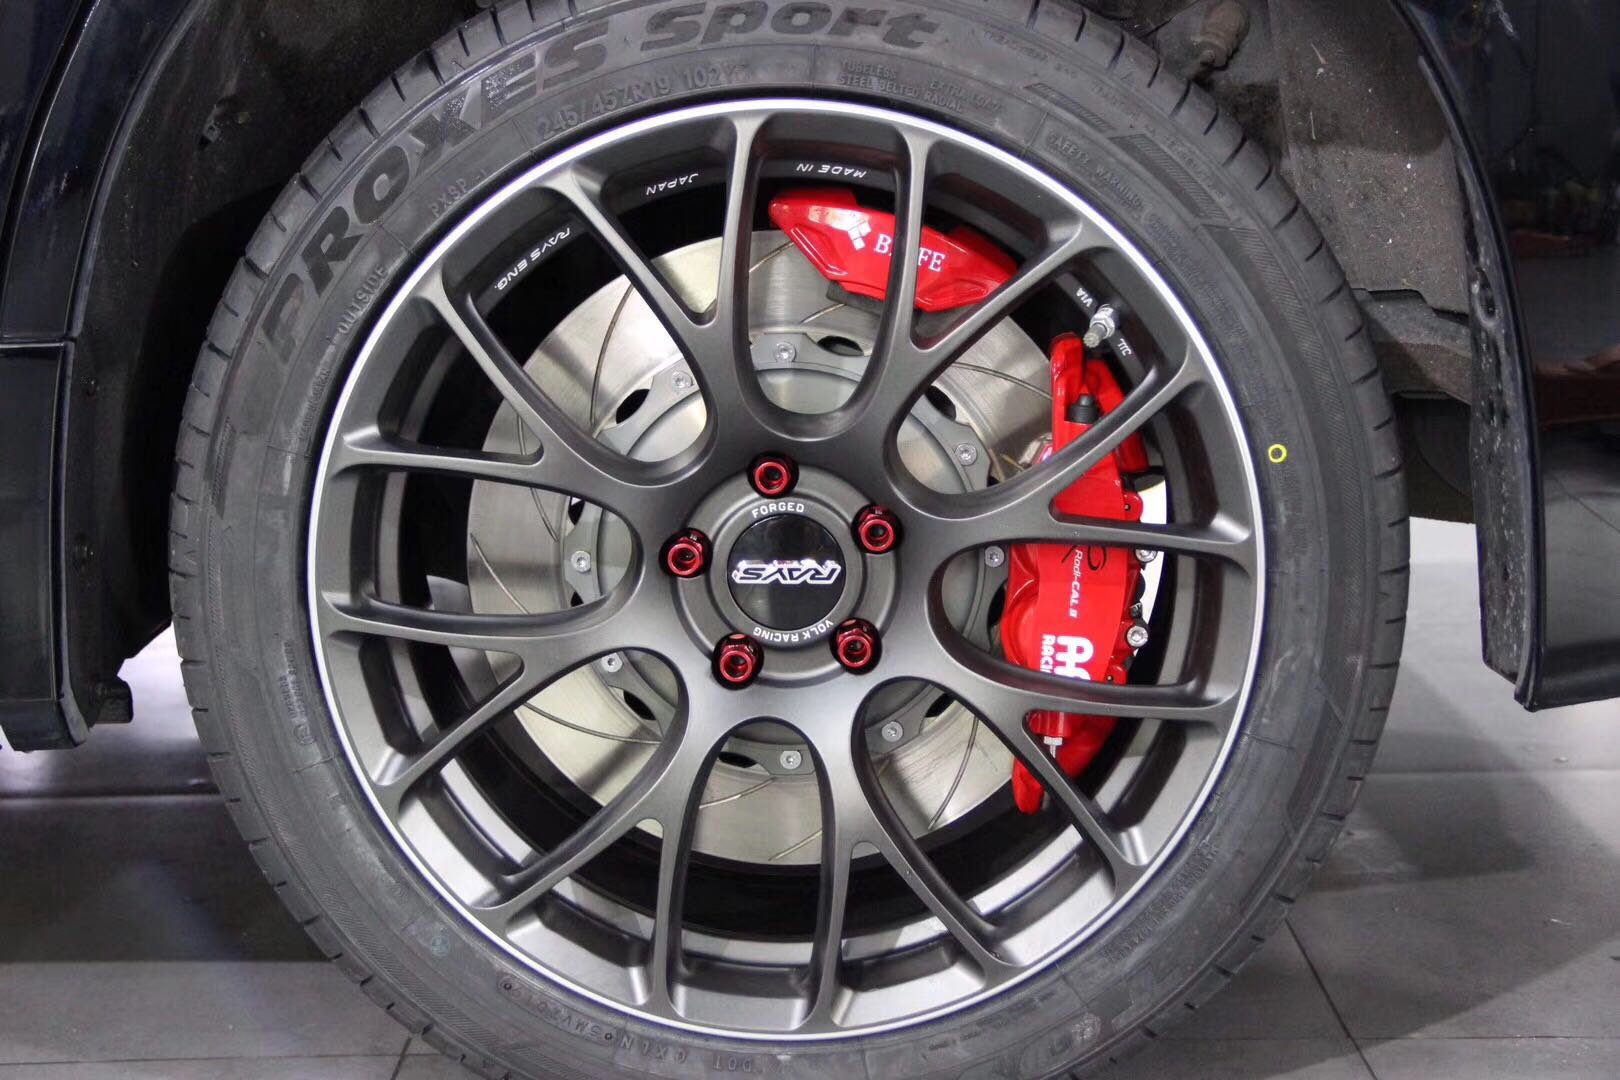 埃尔法刹车改装Ap95系列前六后四套装 前/后轮搭配380MM碟盘➕电子手刹卡钳